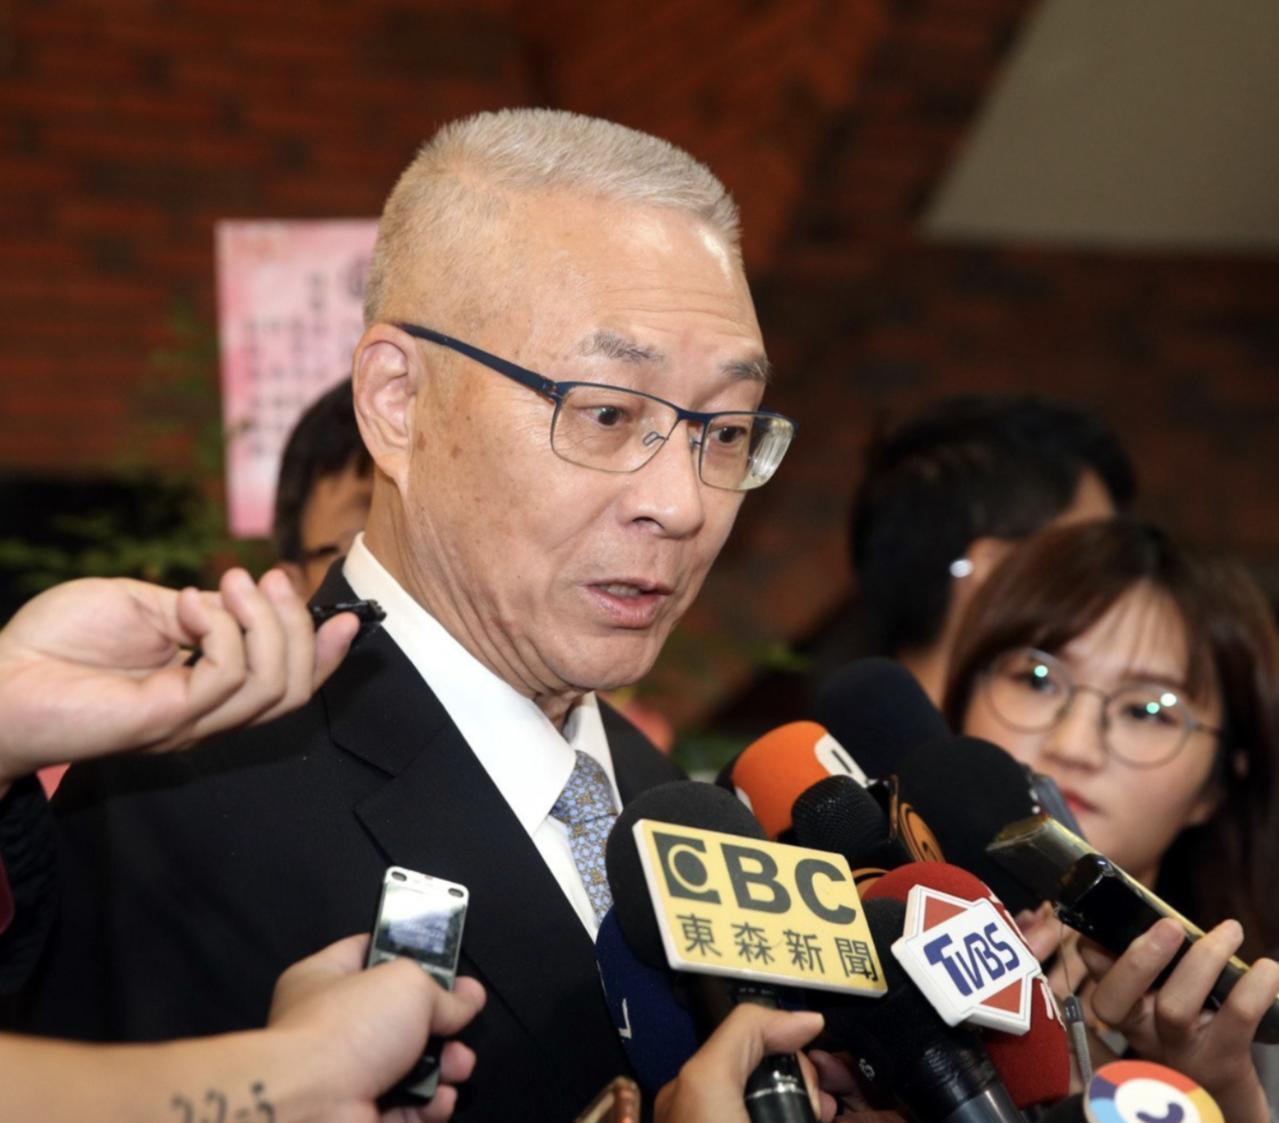 国民党主席吴敦义是否该列不分区安全名单,先前党内争议不断。图/联合报系资料照片